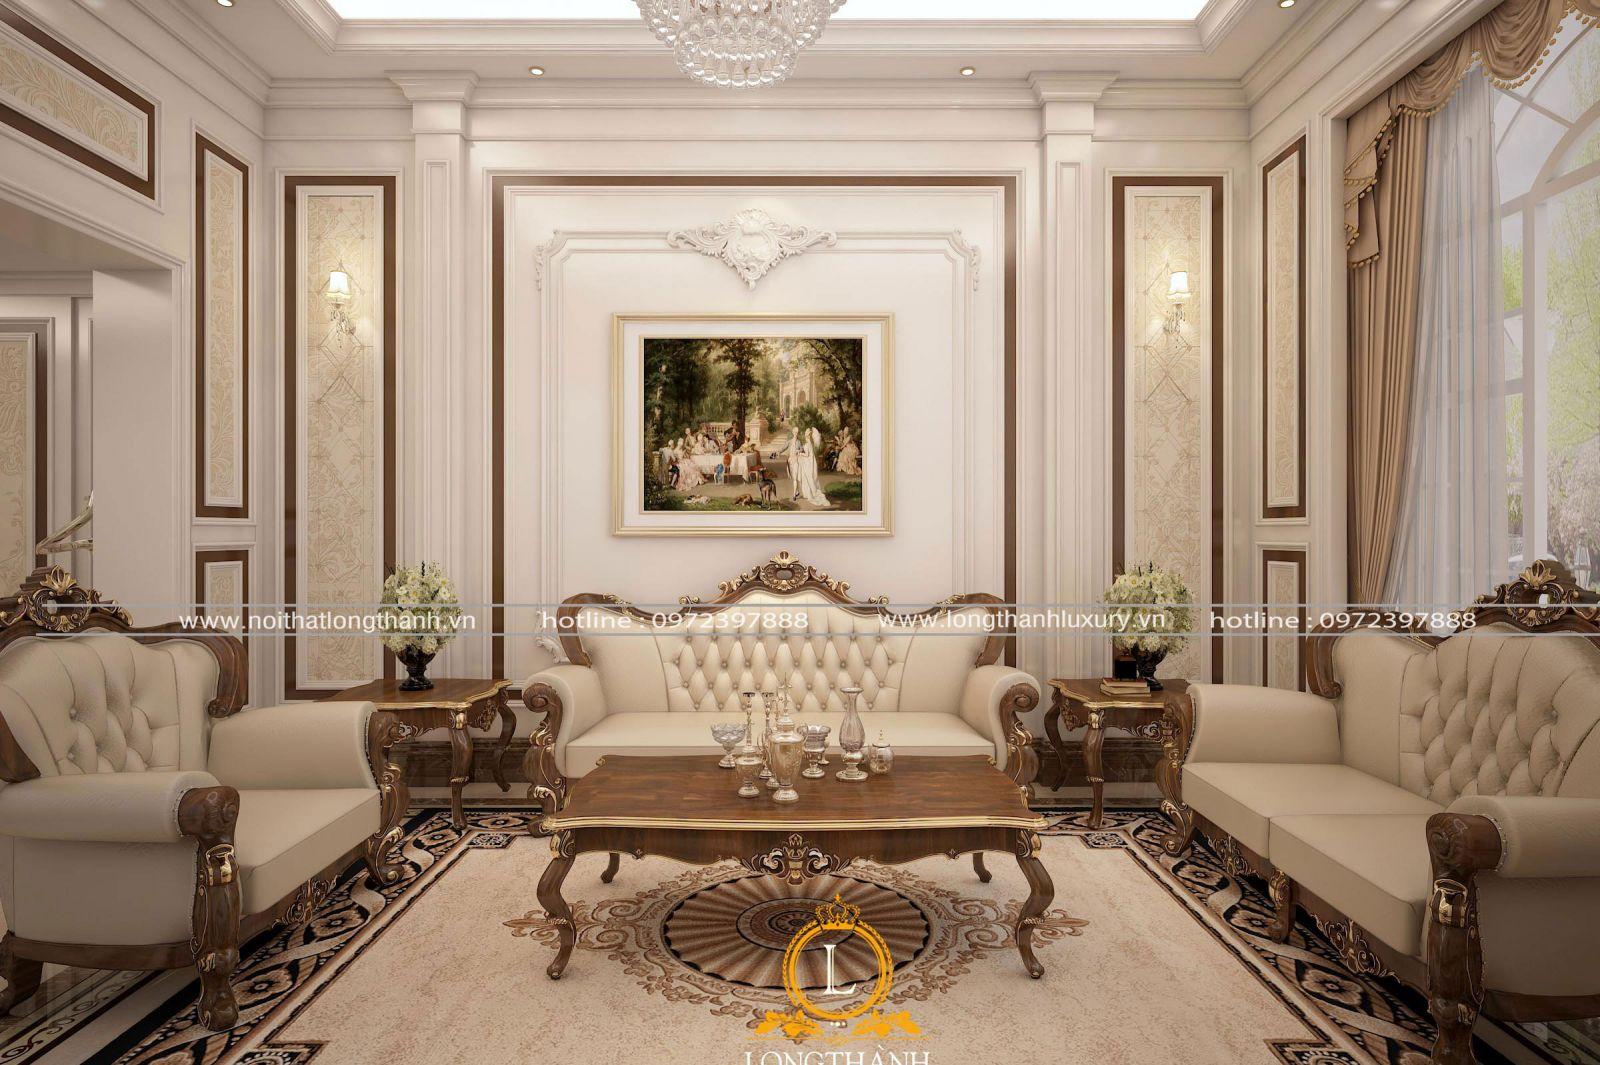 Sofa tân cổ điển dát vàng hoa văn ấn tượng trong phòng khách